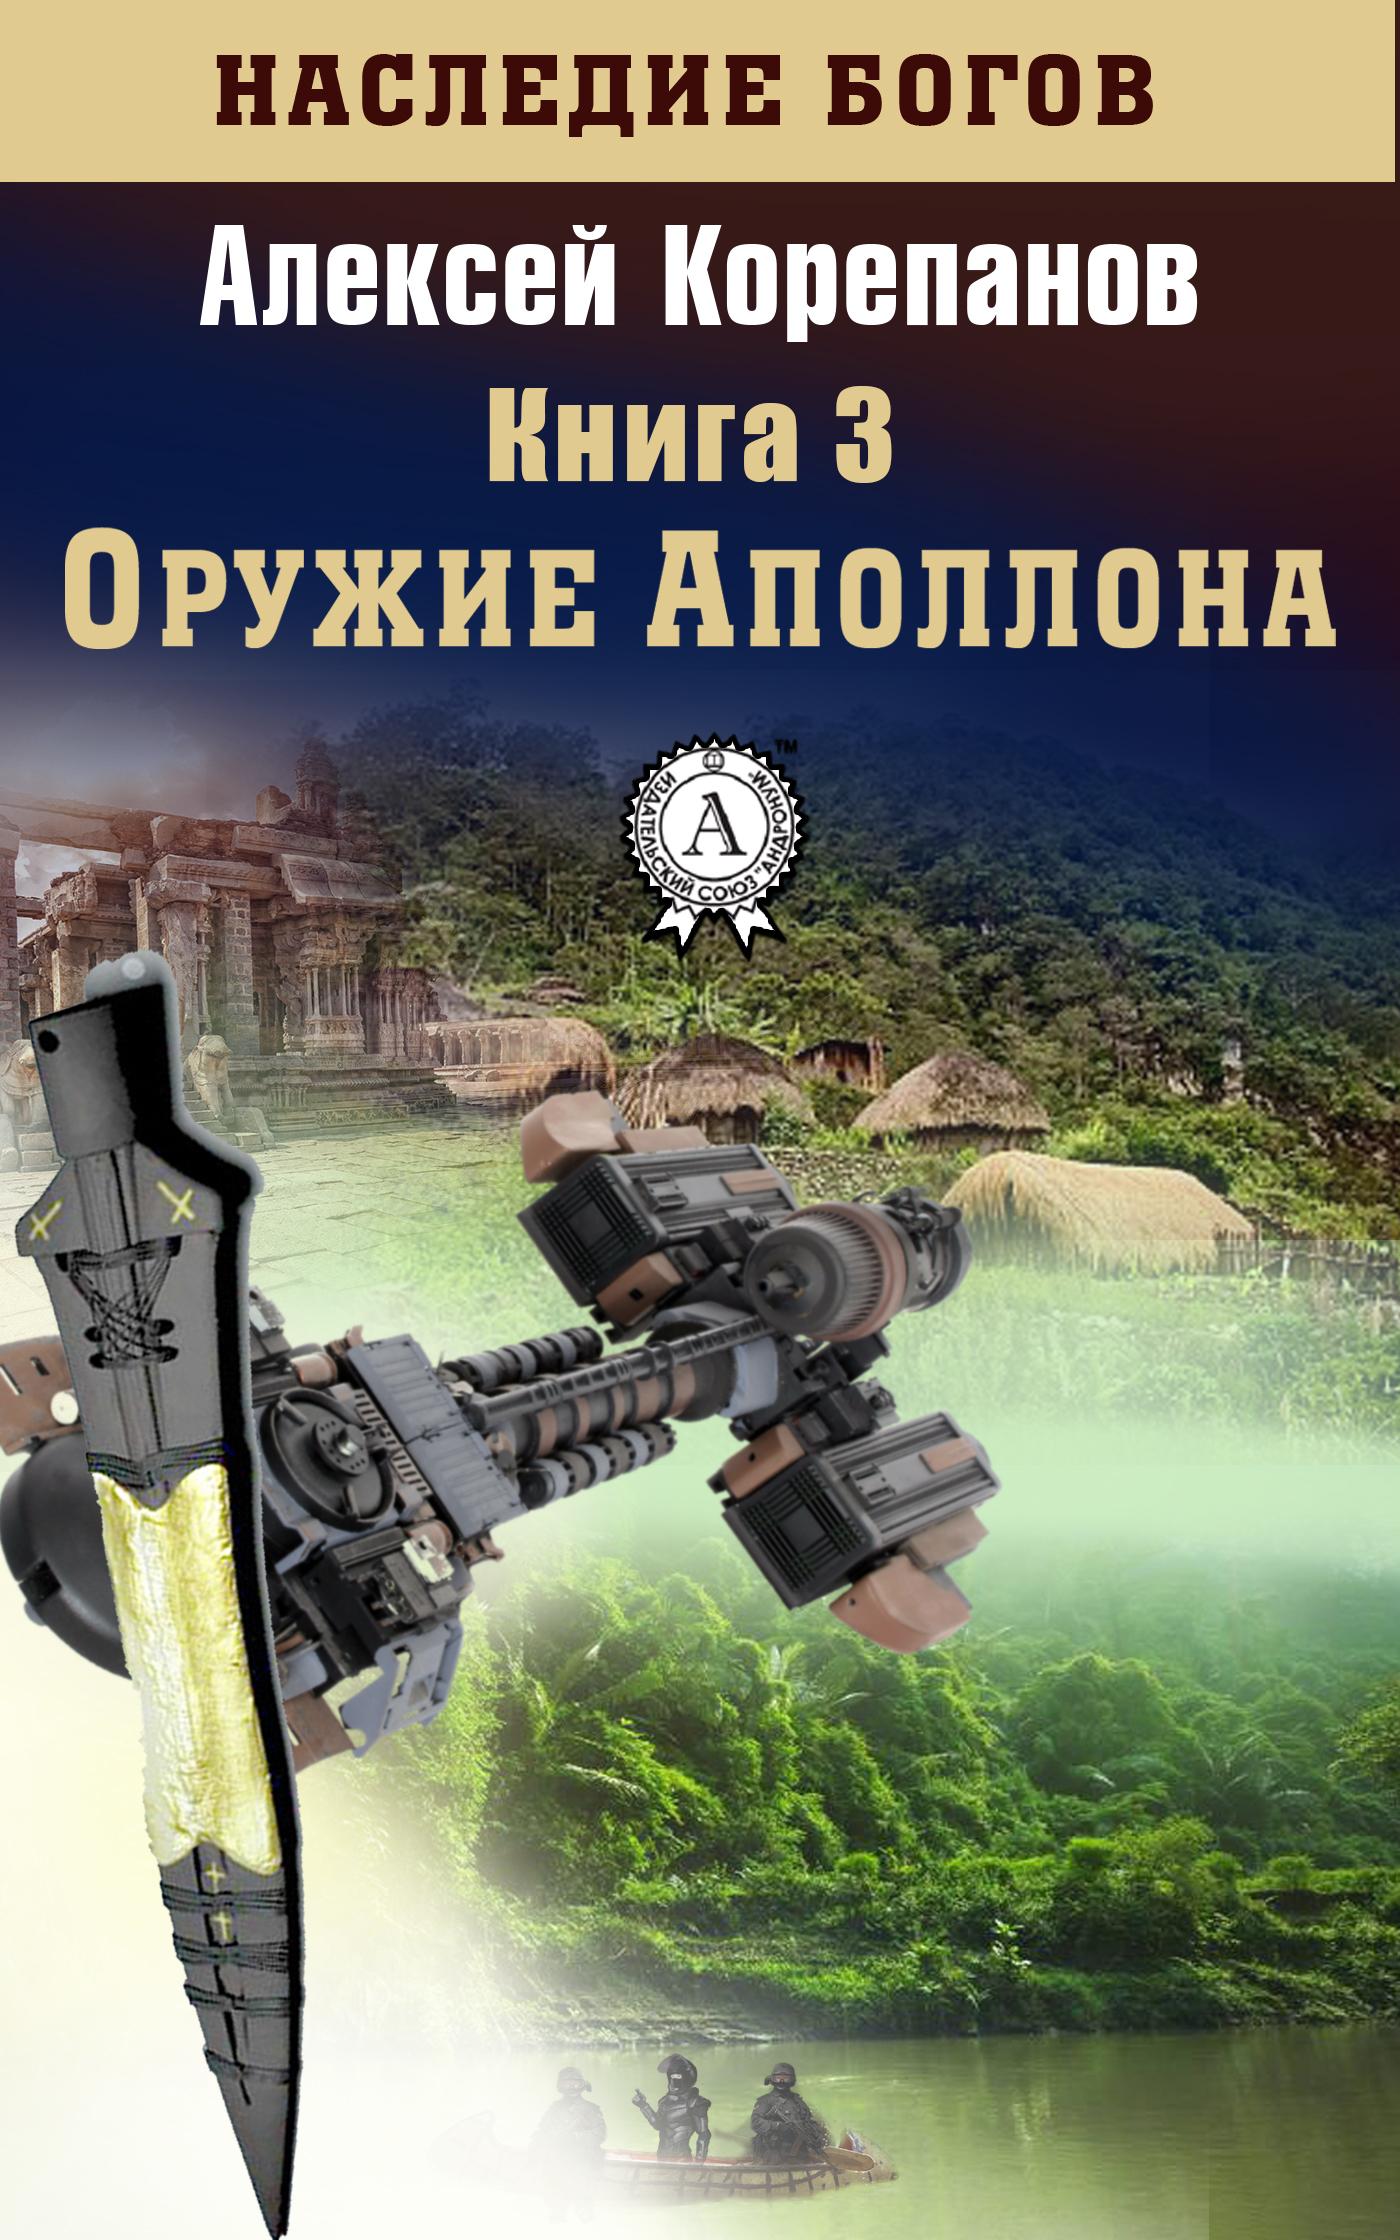 Оружие Аполлона